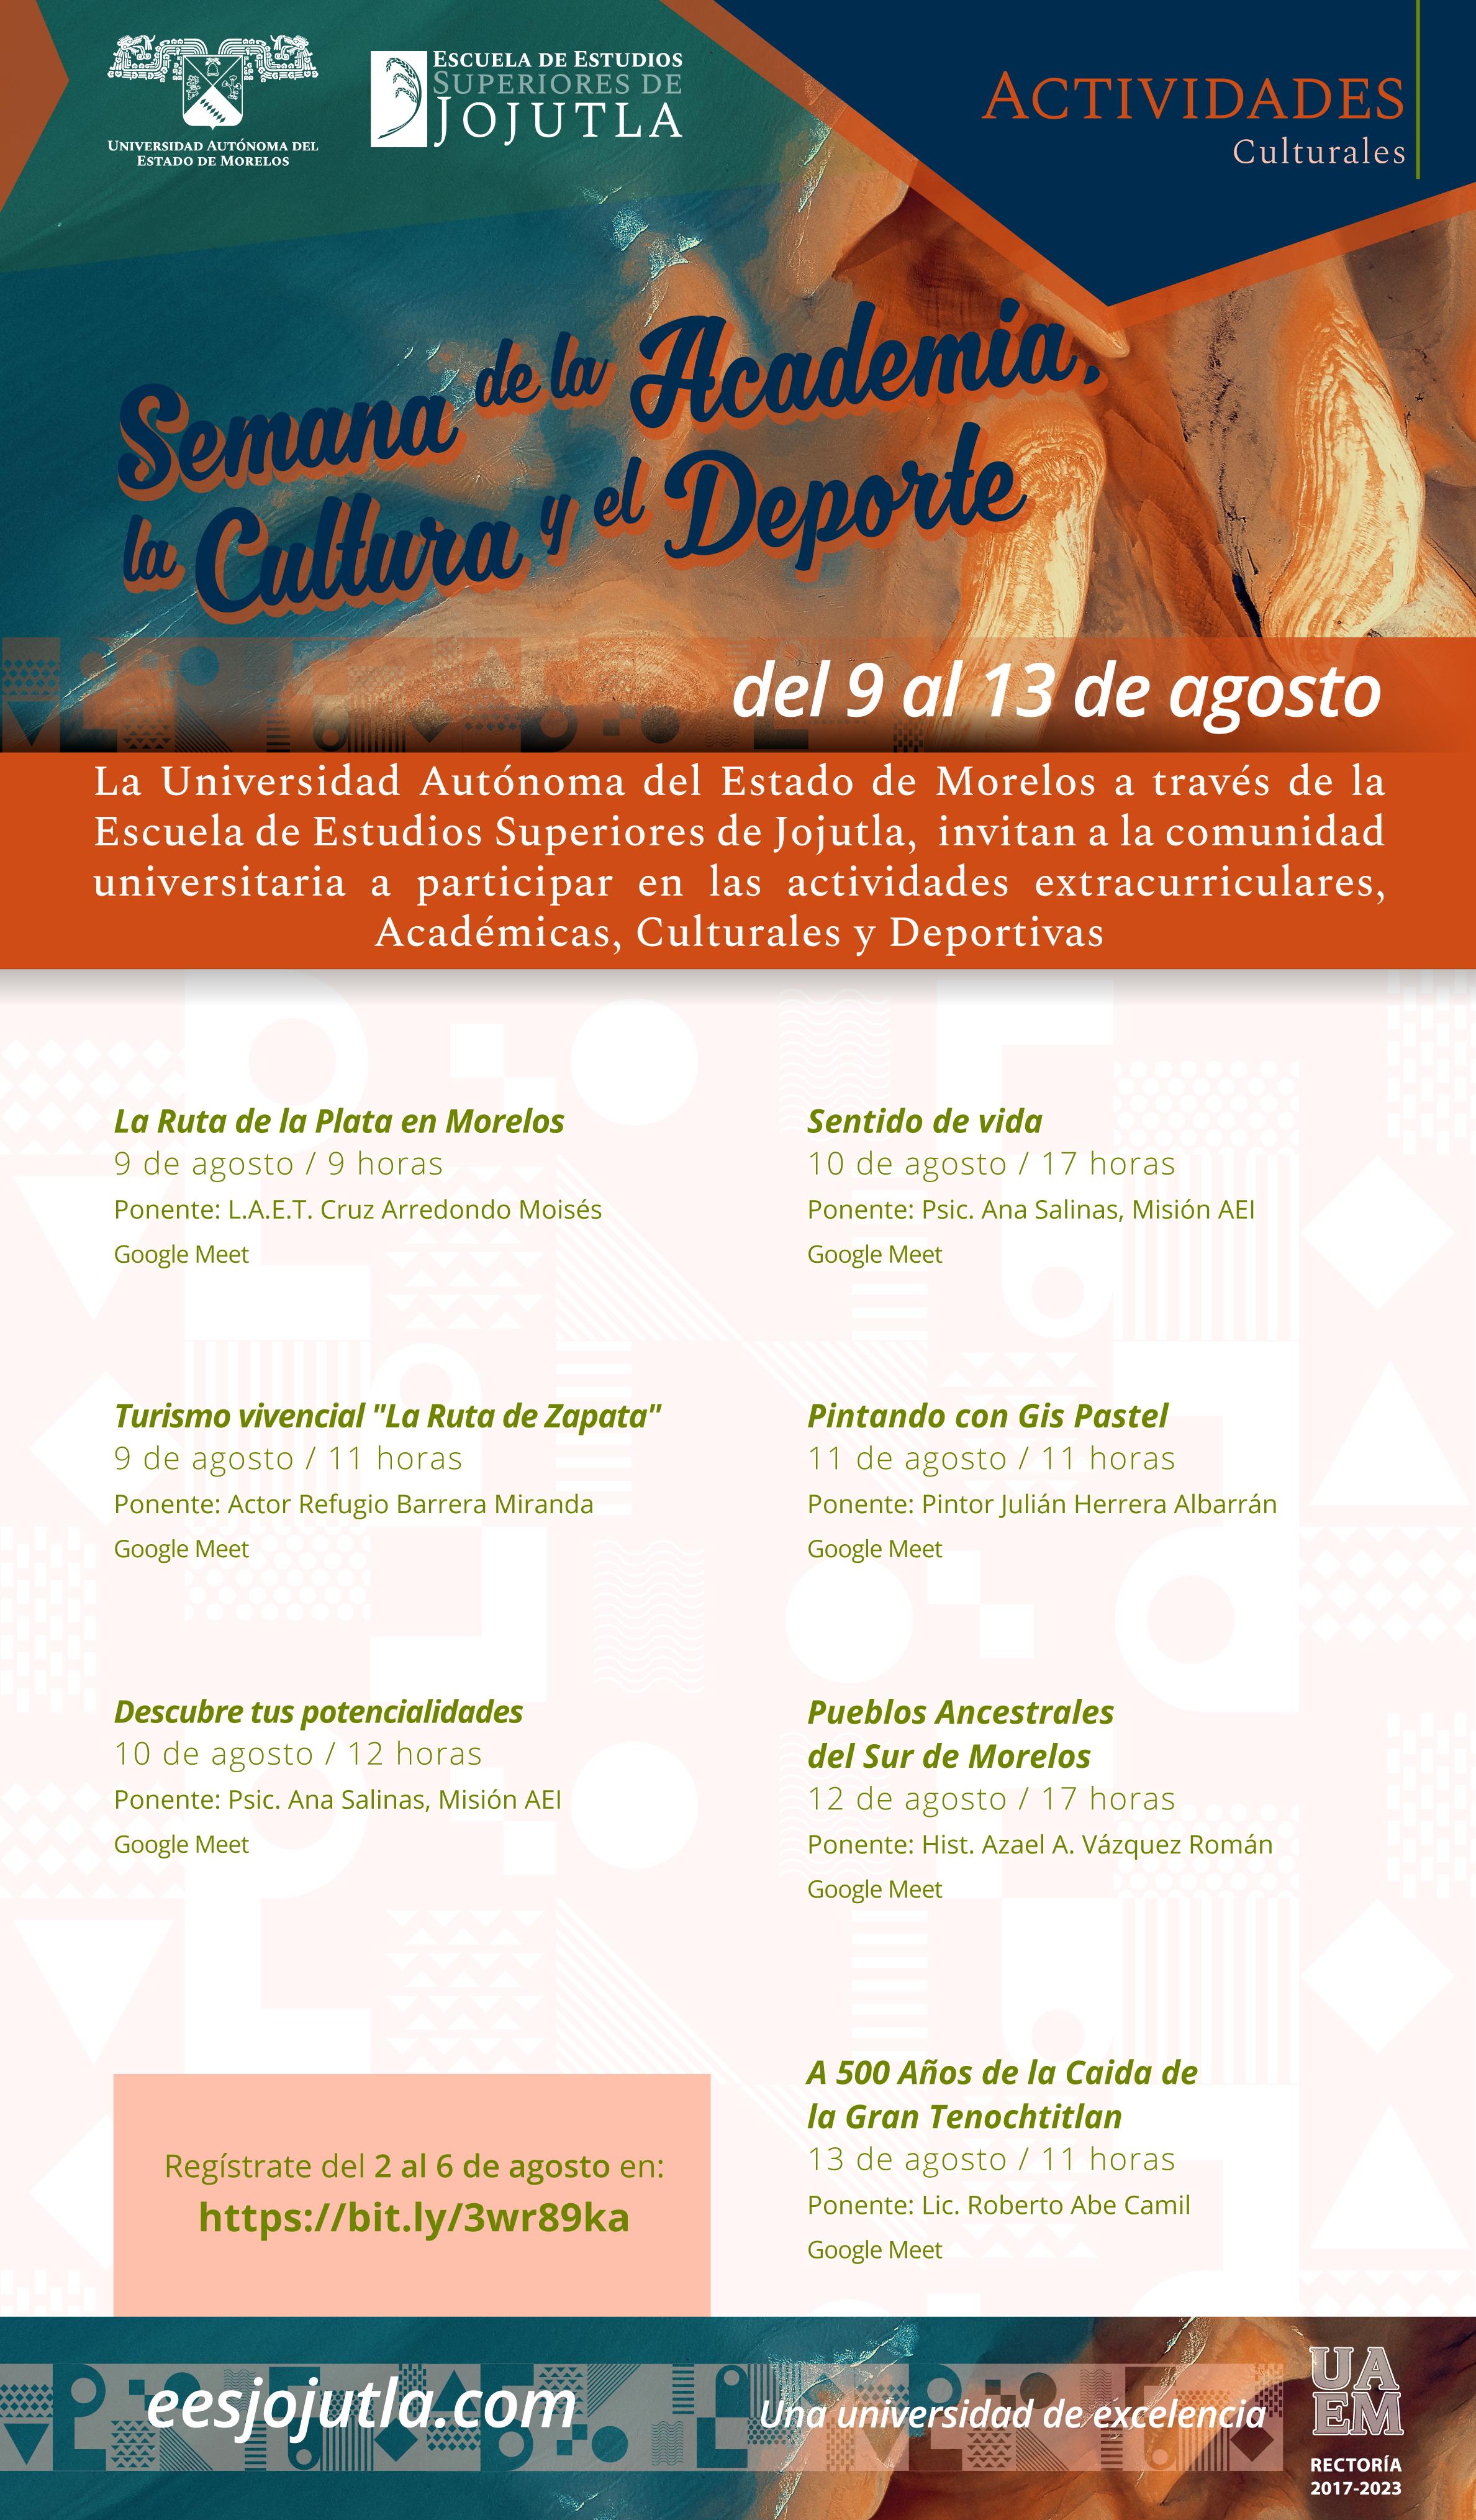 _Semana_ACyD_CARTEL_2_Culturales_07132021